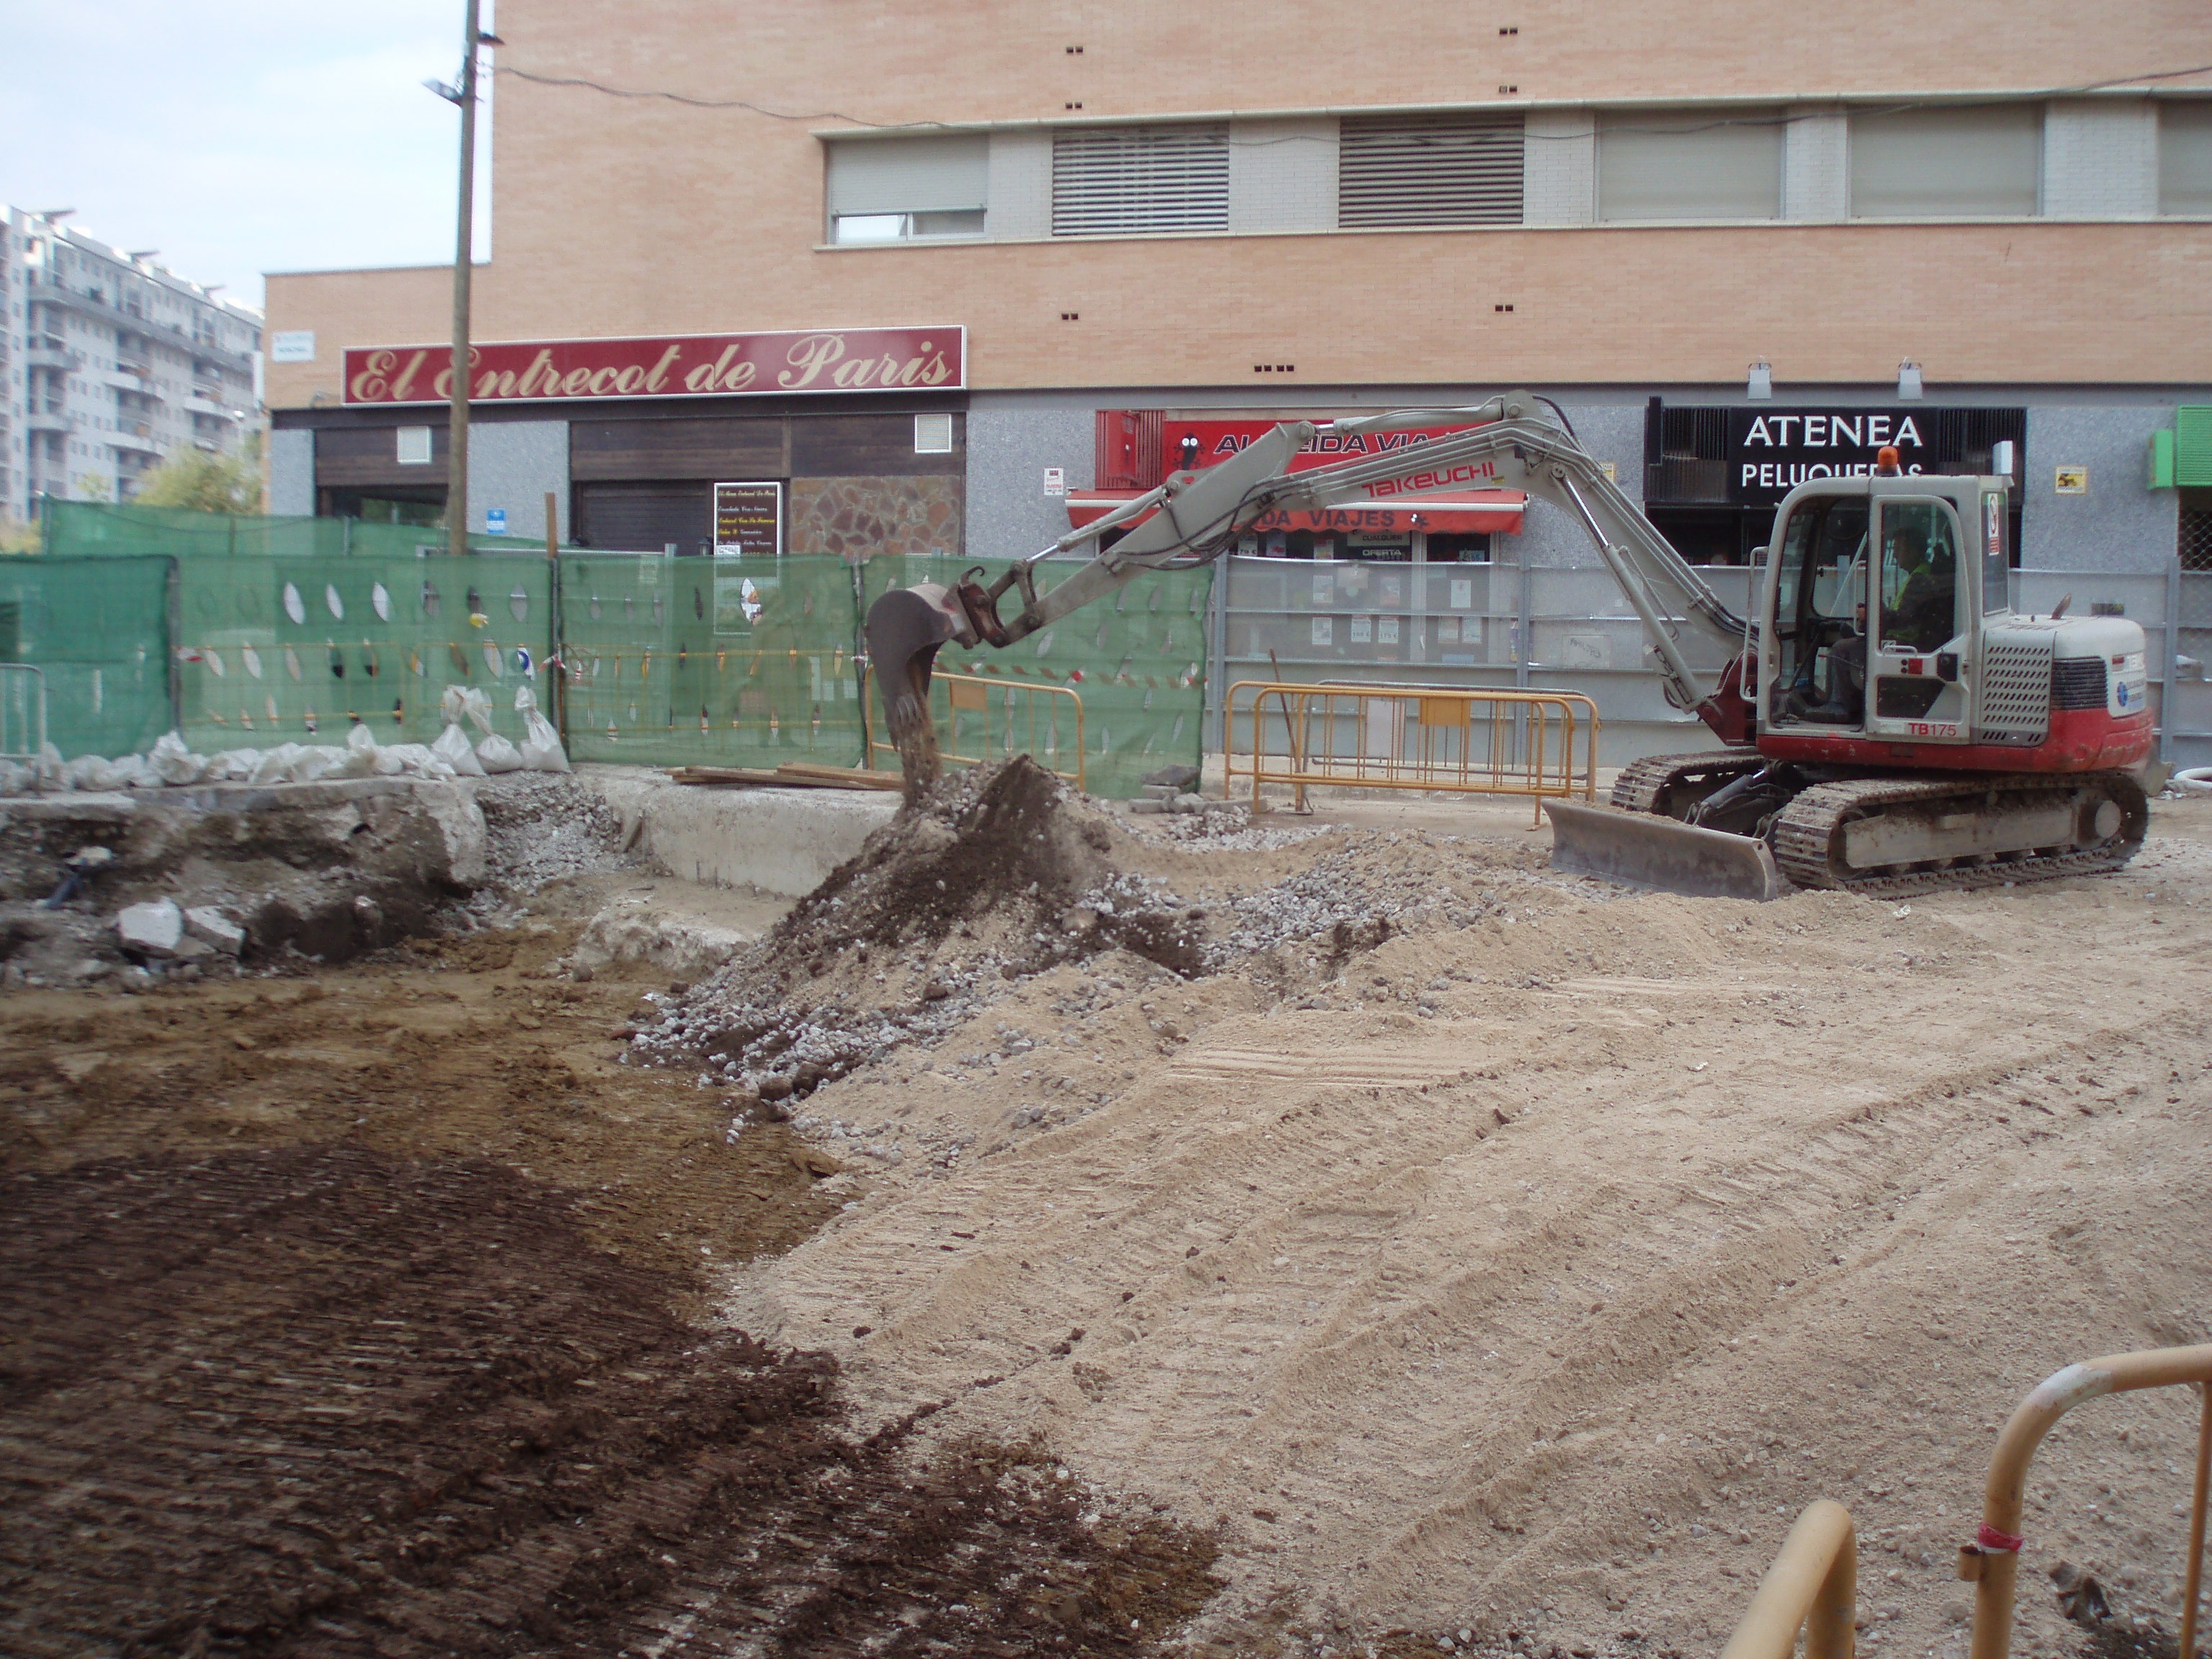 Los restos arqueológicos de la muralla nazarí se cubrirán respondiendo a los criterios de Cultura.